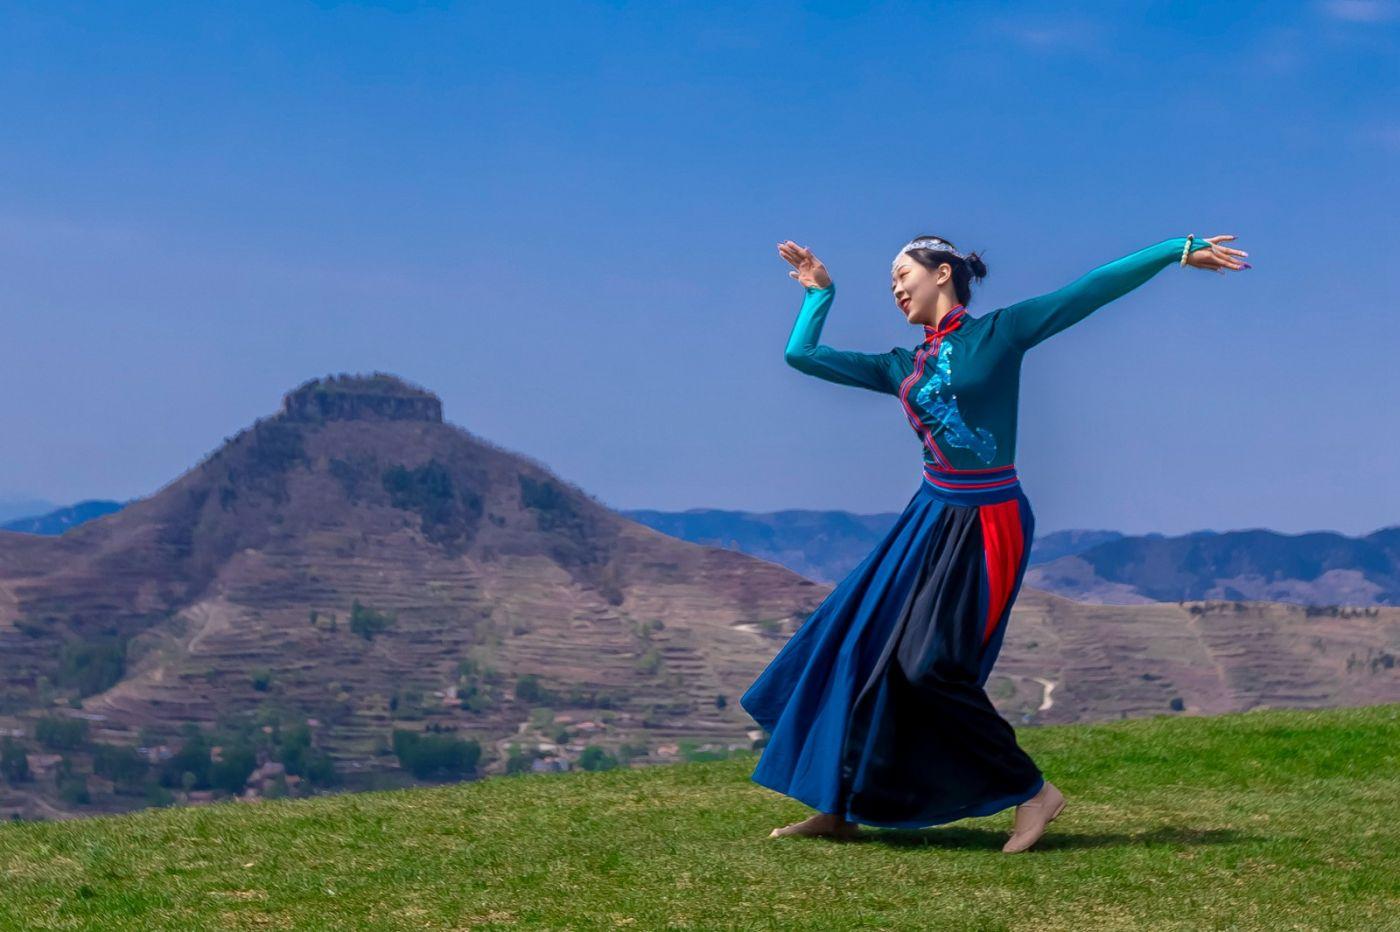 崮上草原有位女孩在翩翩起舞 她要和你邂逅在崮上花开的季节 ..._图1-23